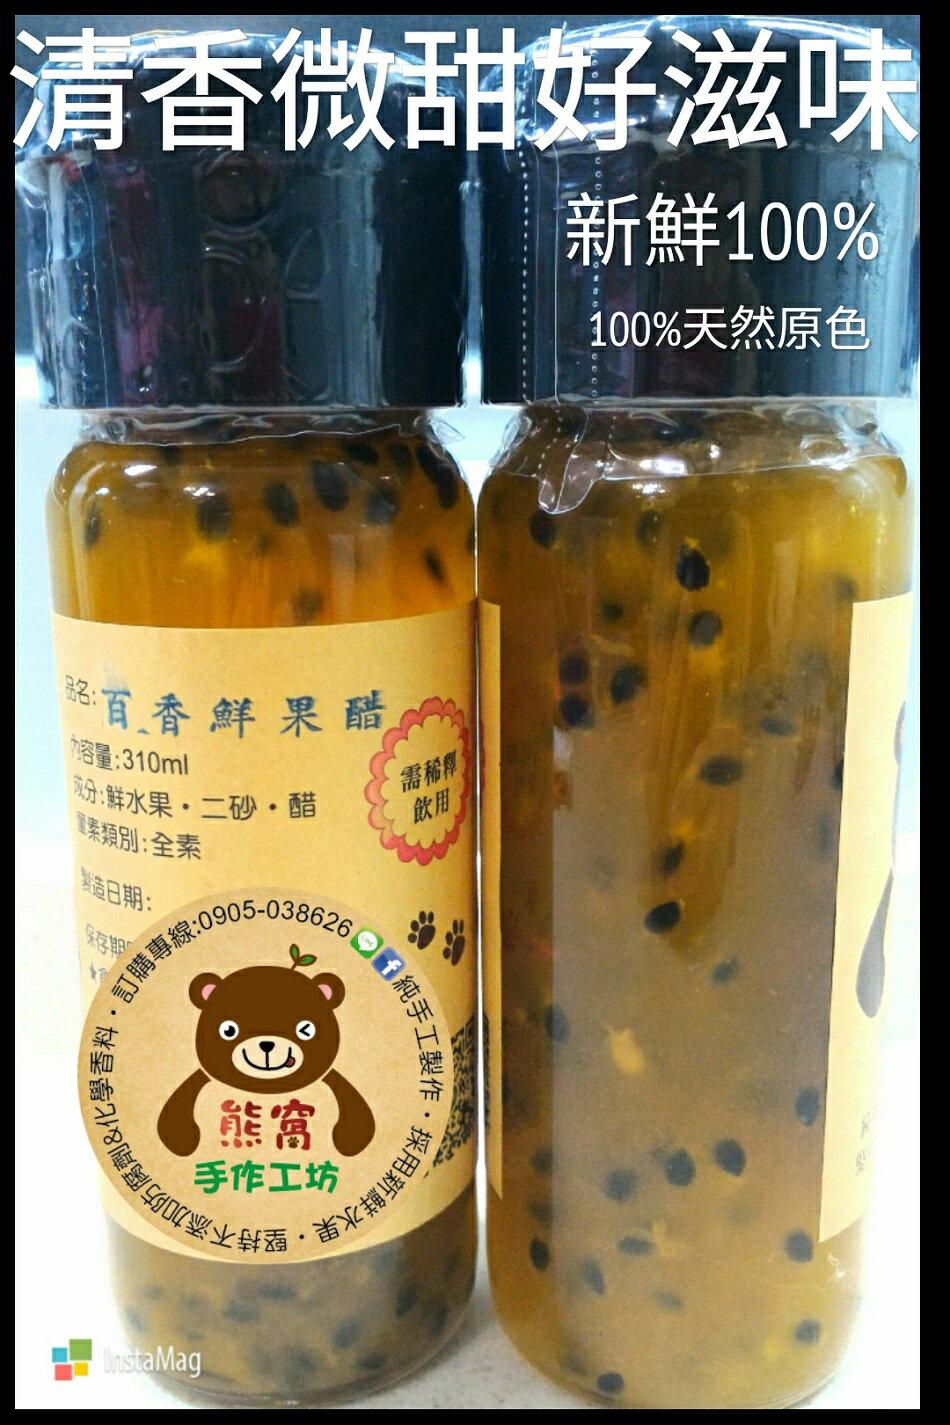 熊窩手作工坊~堅持純手工製作~100%原汁原味-百香鮮果醋~大罐~特價420元 1